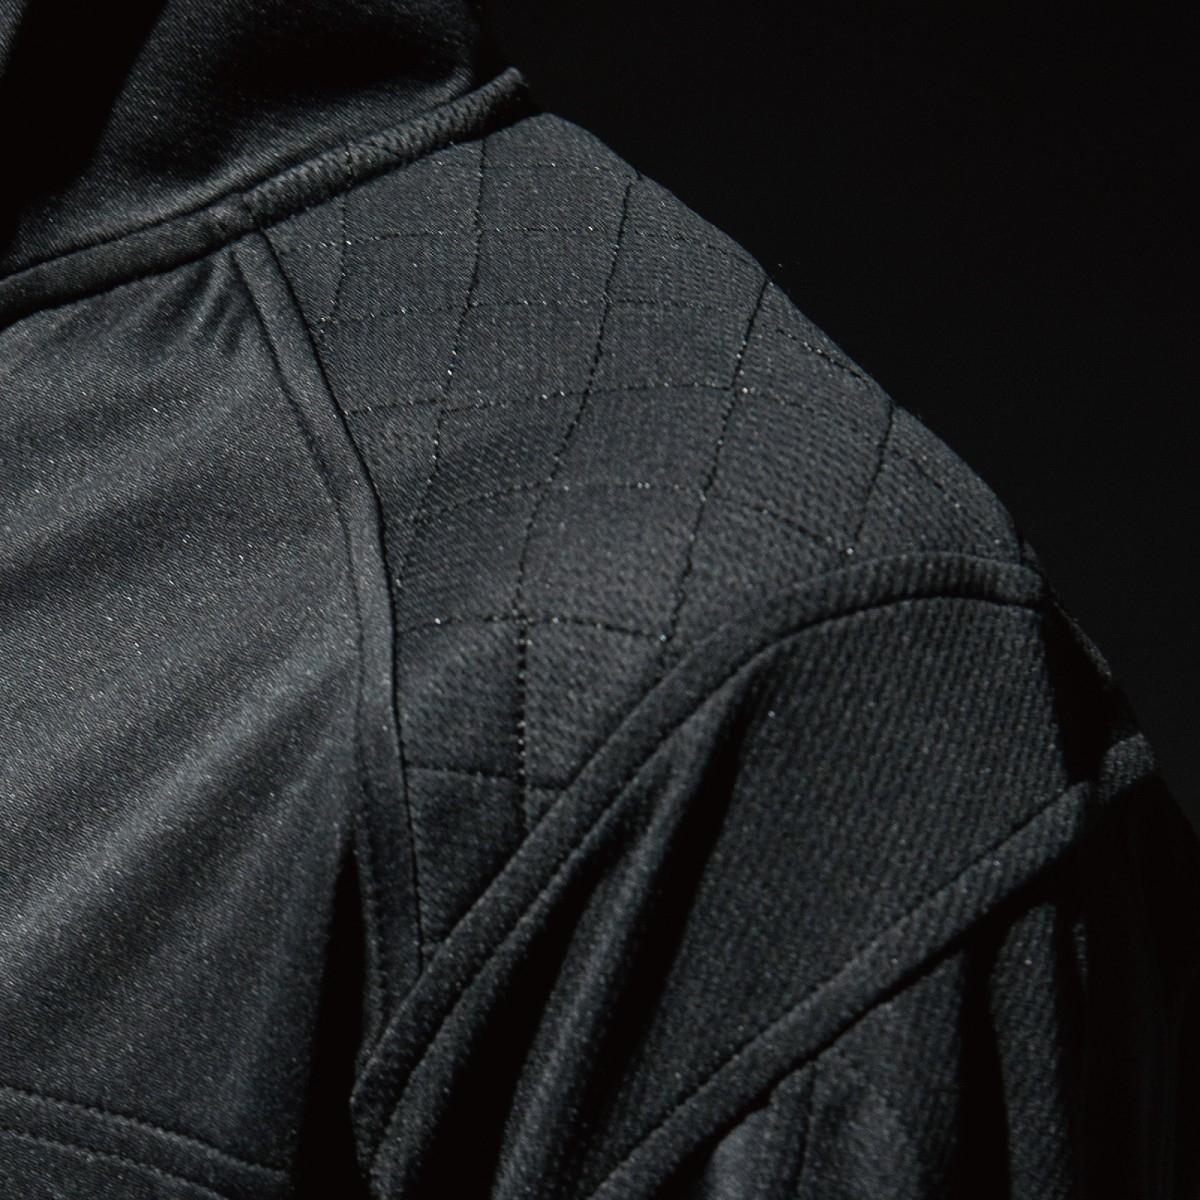 846305 ワークニットロングシャツ 肩 刺し子の補強仕様で丈夫です。